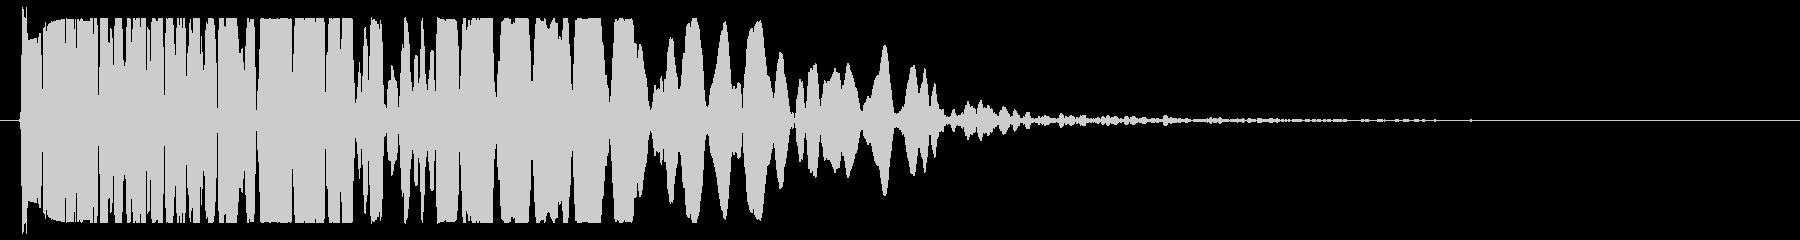 ドーン(濁りのある爆発音)の未再生の波形